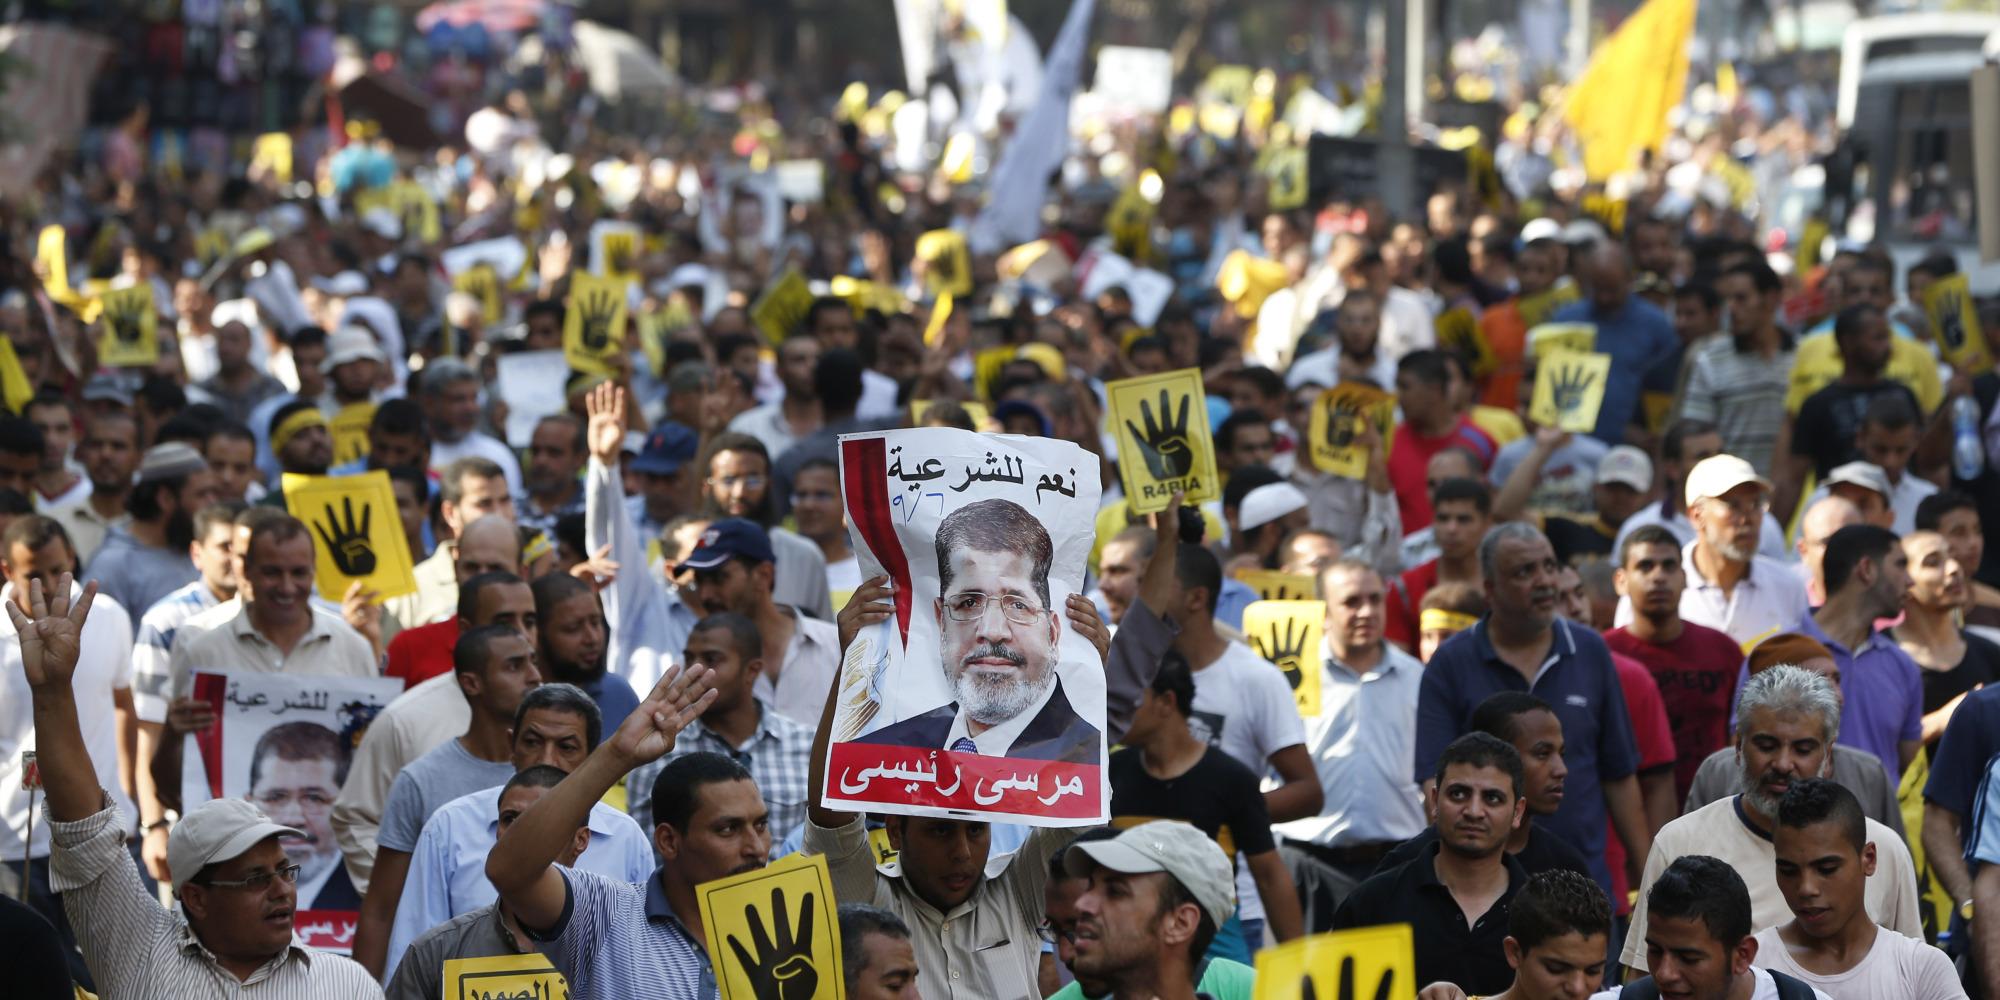 الثبات فى مطالب الثورة ورؤيتها